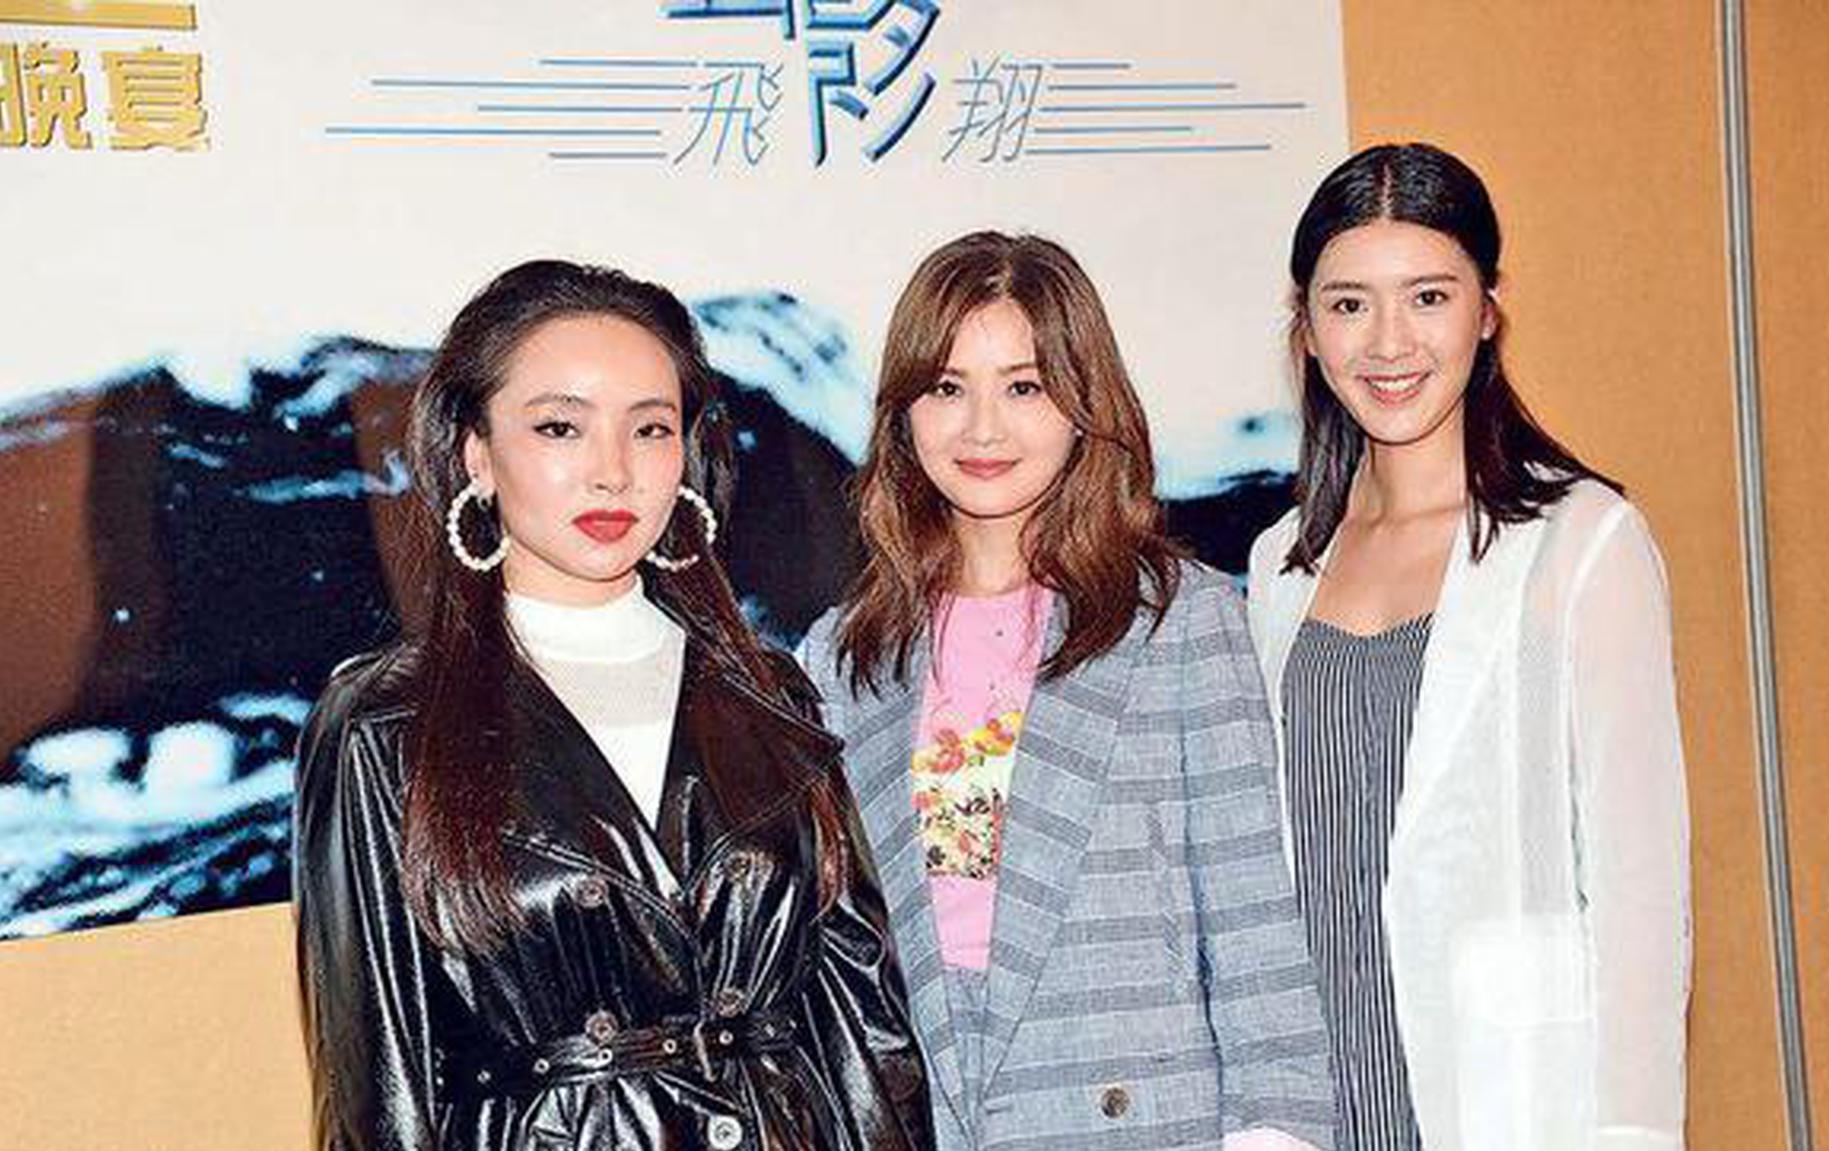 曾美慧孜(左起)、蔡卓妍和余香凝将在香港电影金像奖角逐影后,前晚(3月2日)在春茗晚宴上碰头。